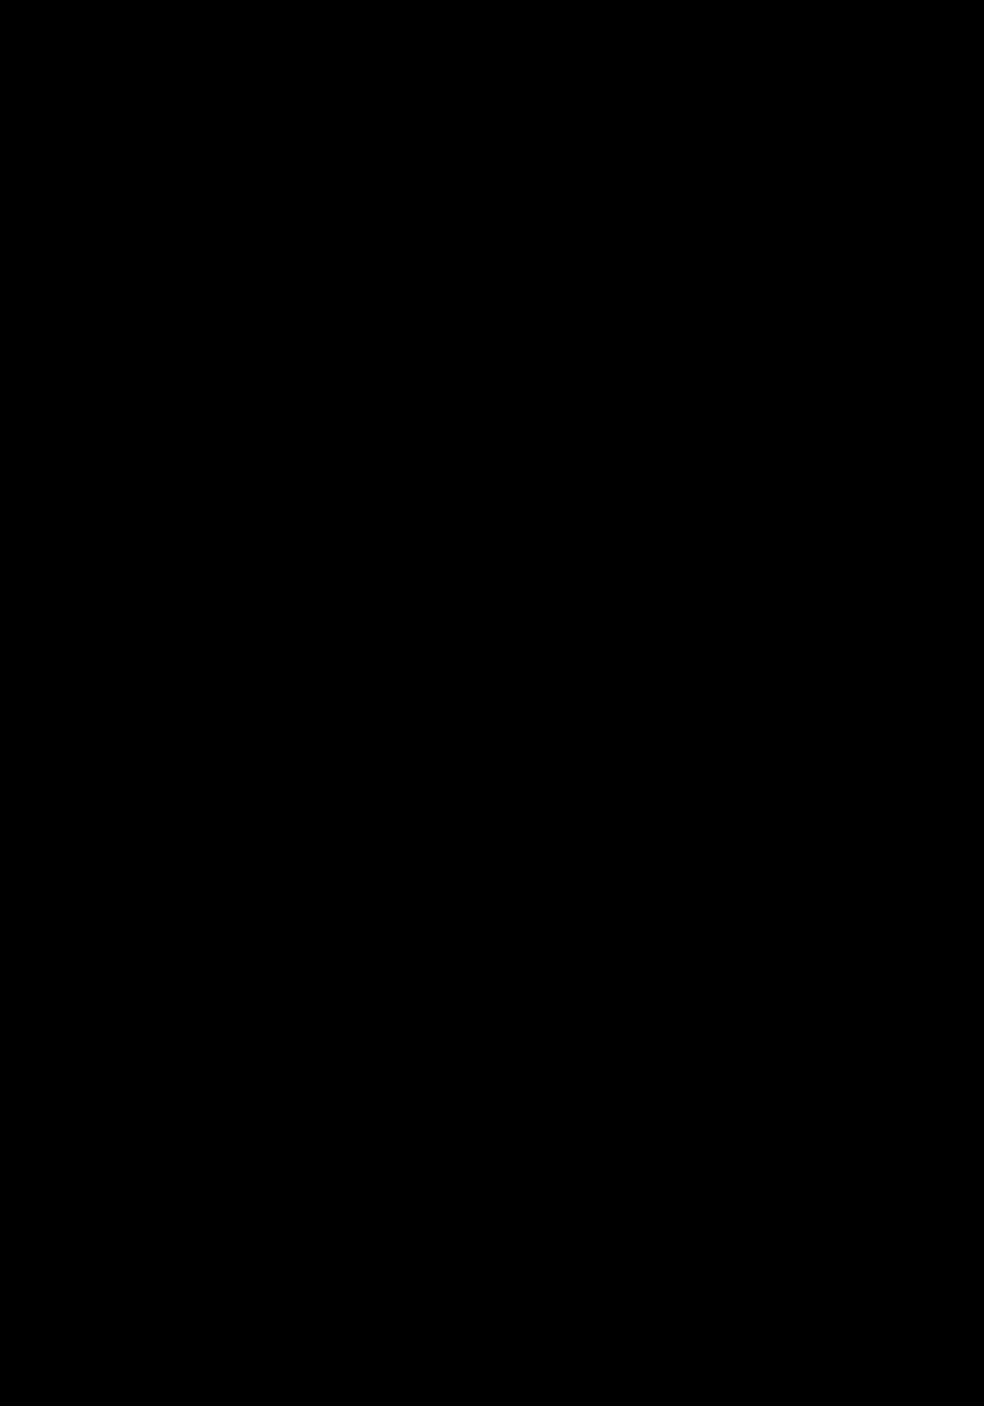 スーボ O OSU 縦組見本